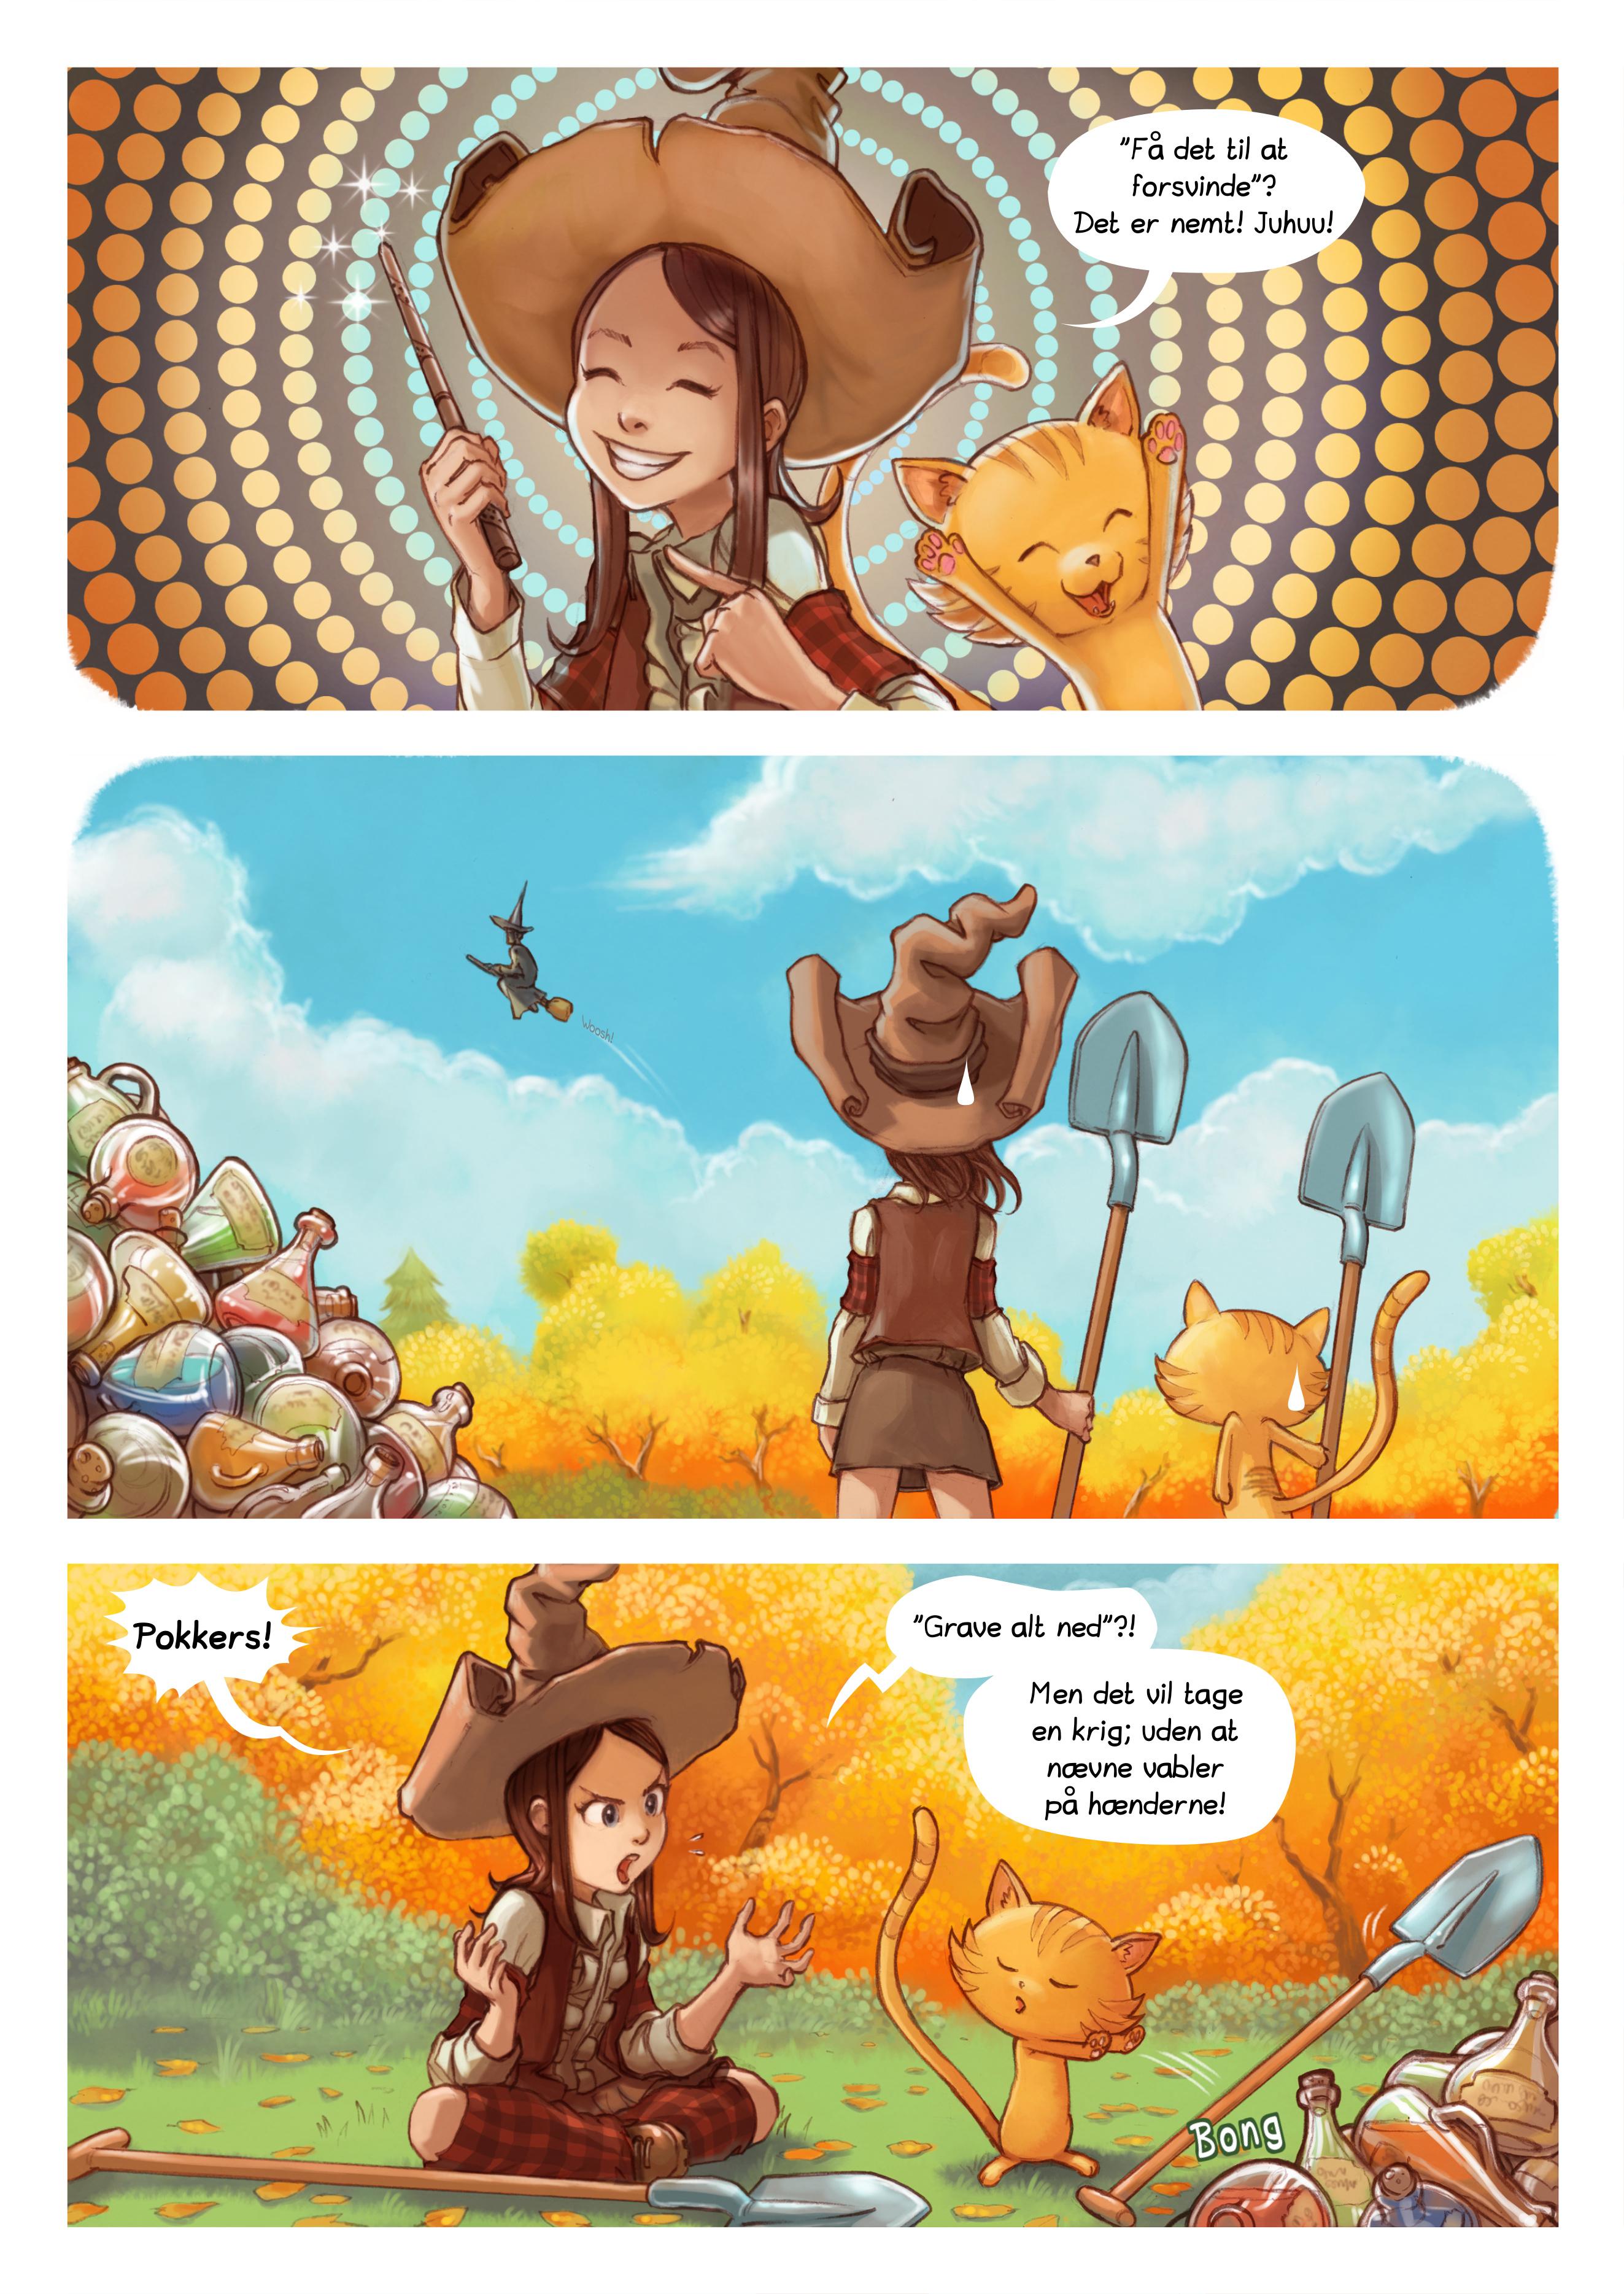 Episode 12: Efterårsoprydning, Page 2